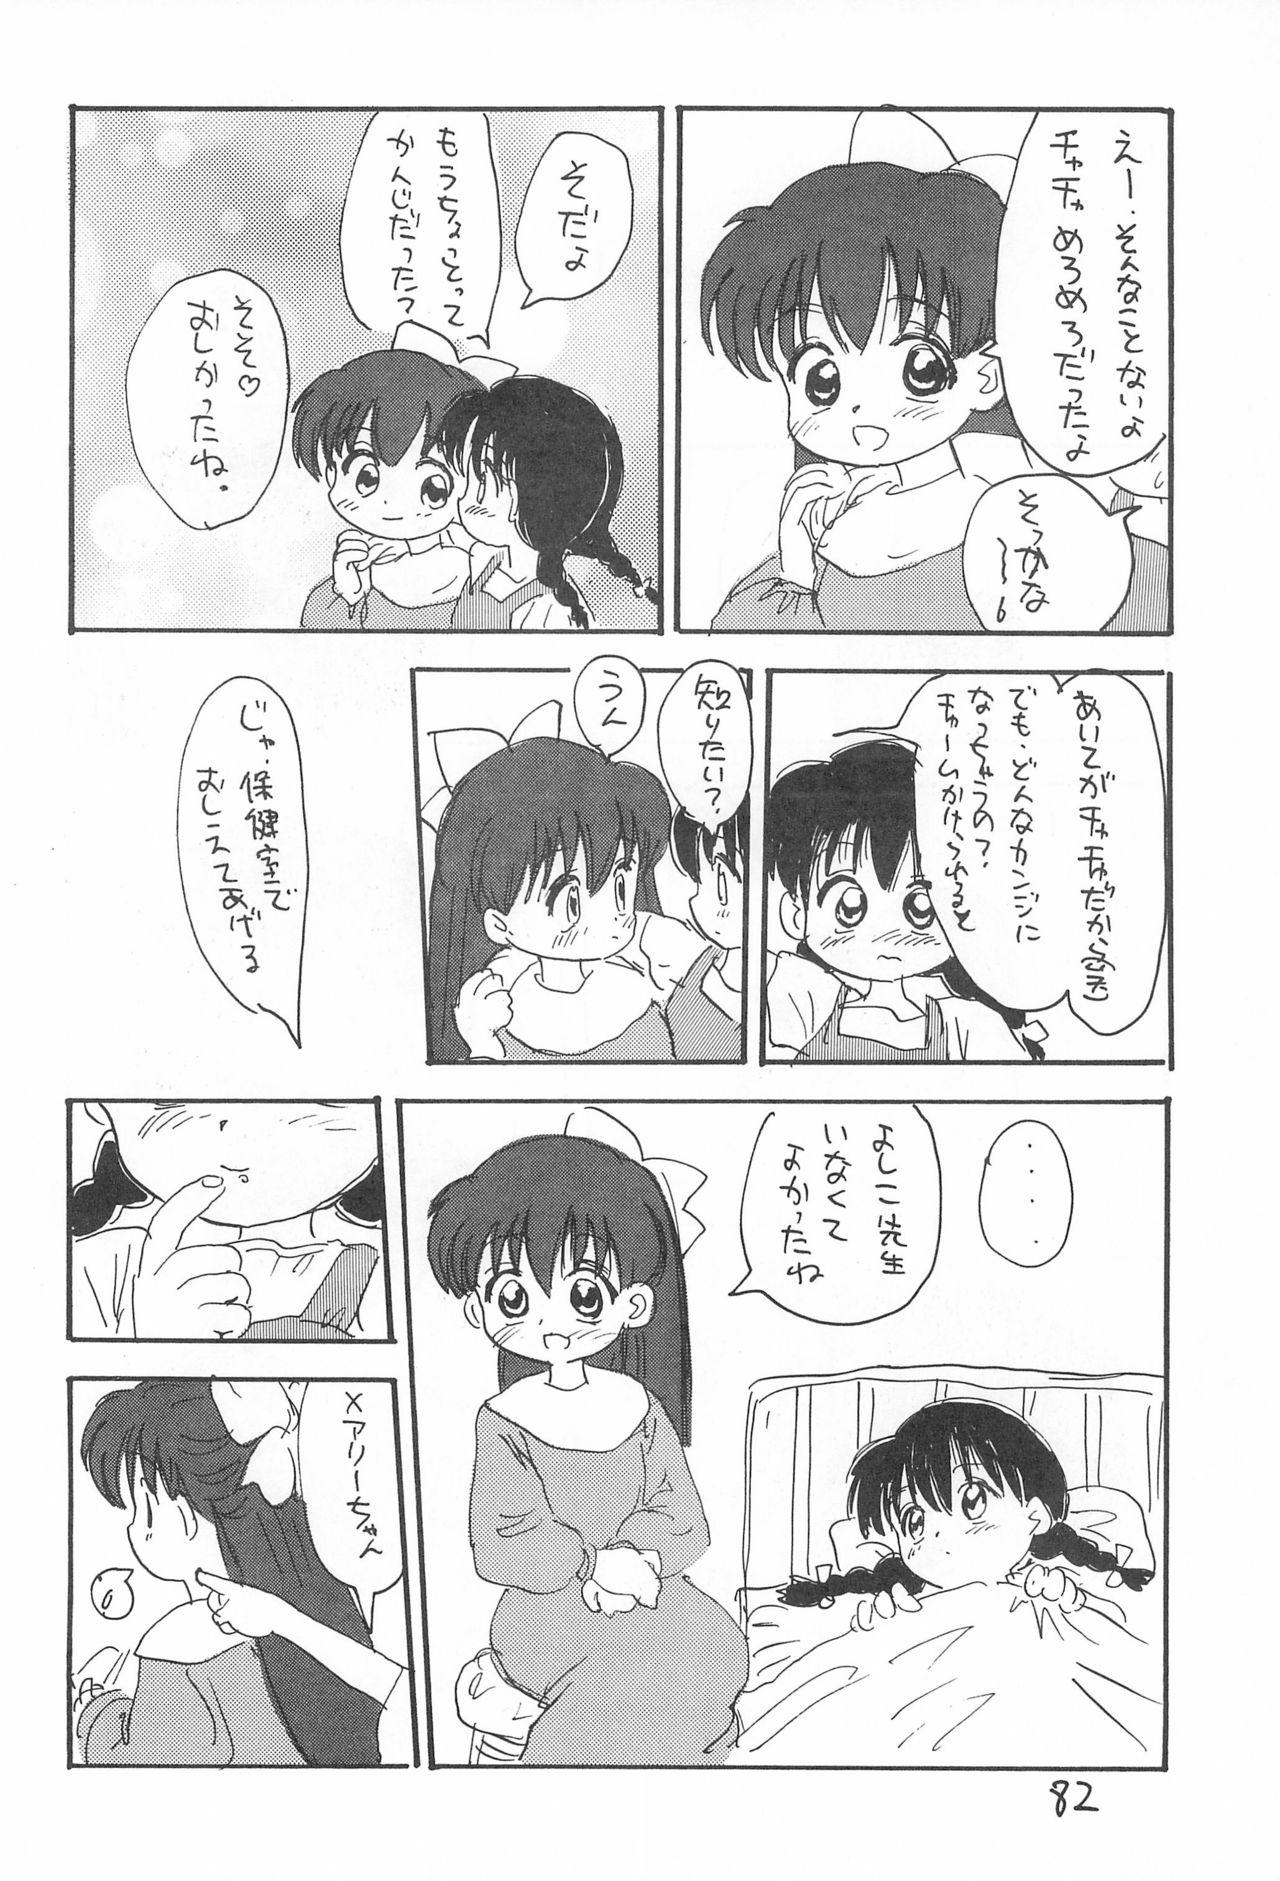 Kinyoubi R 81